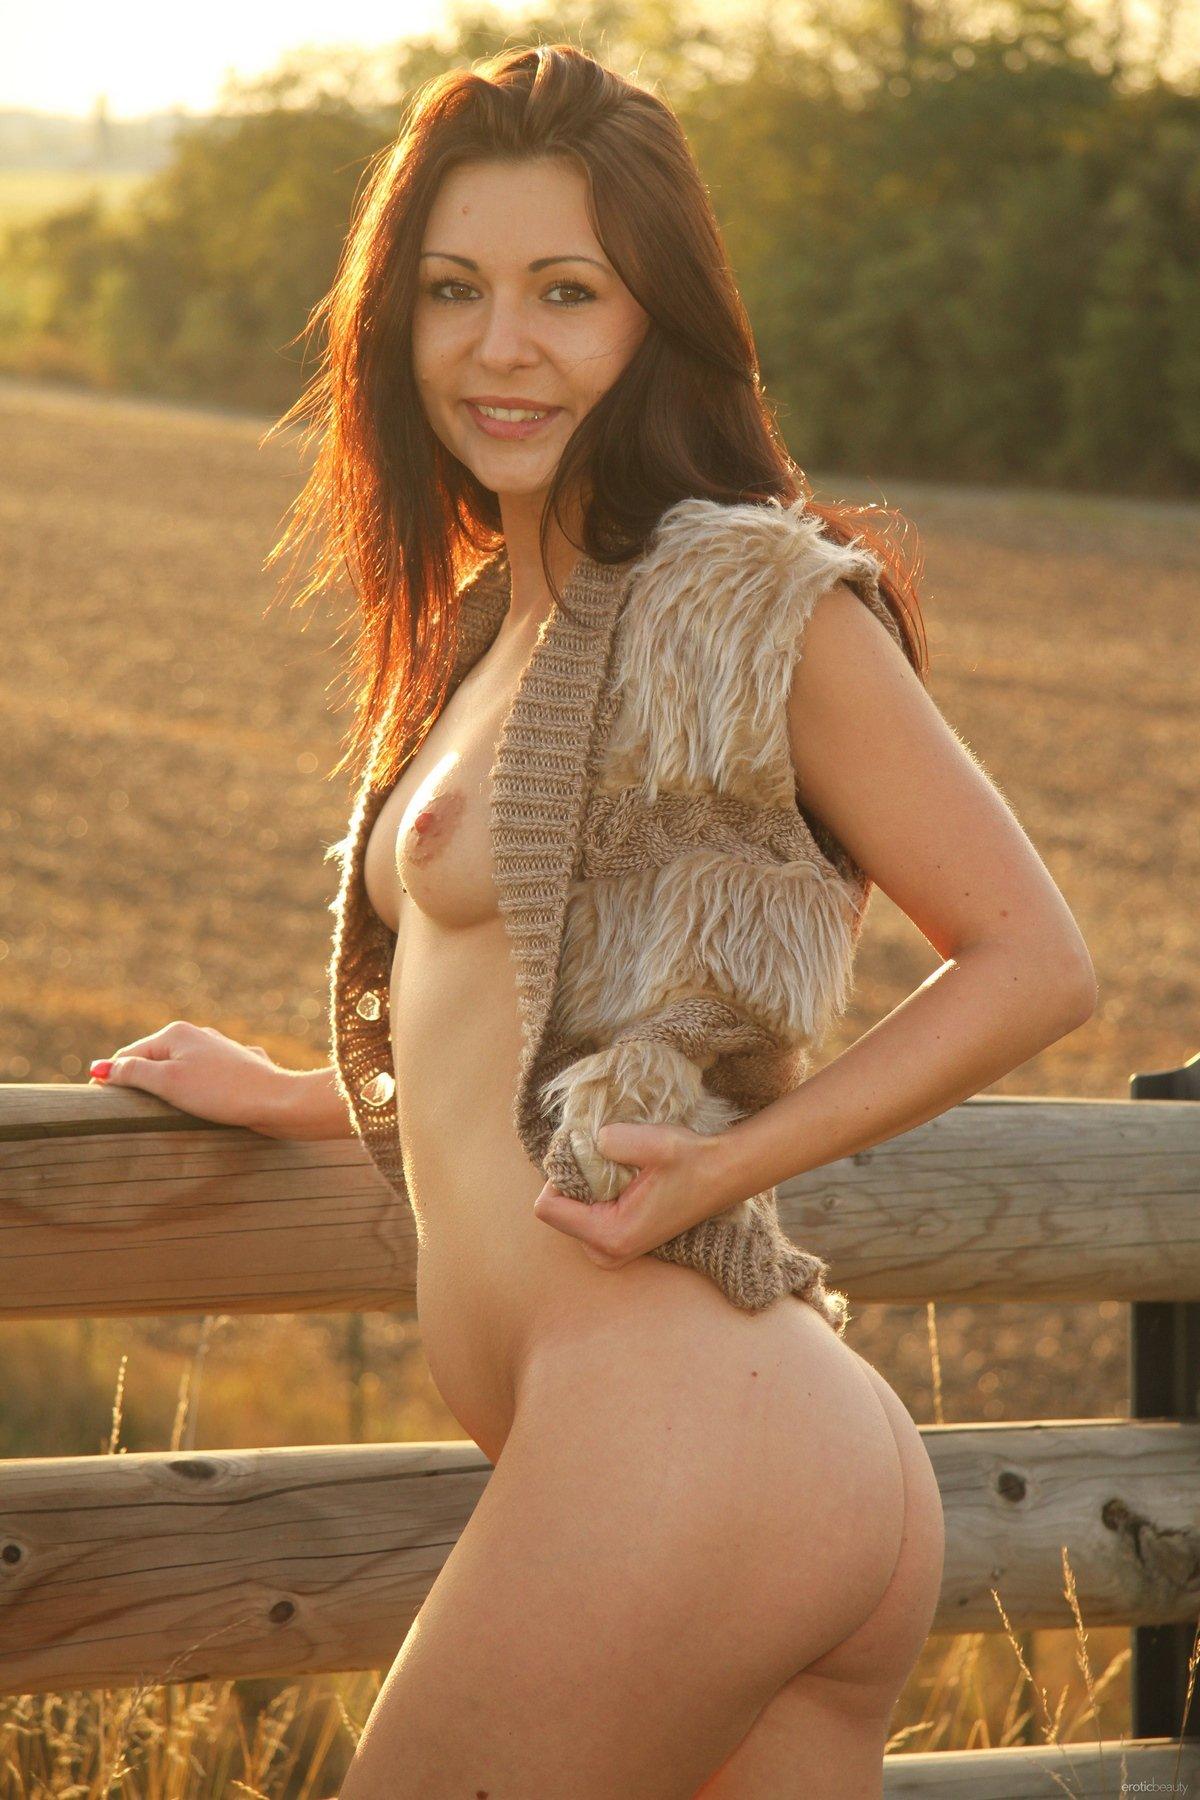 Девушка без трусиков возле изгороди